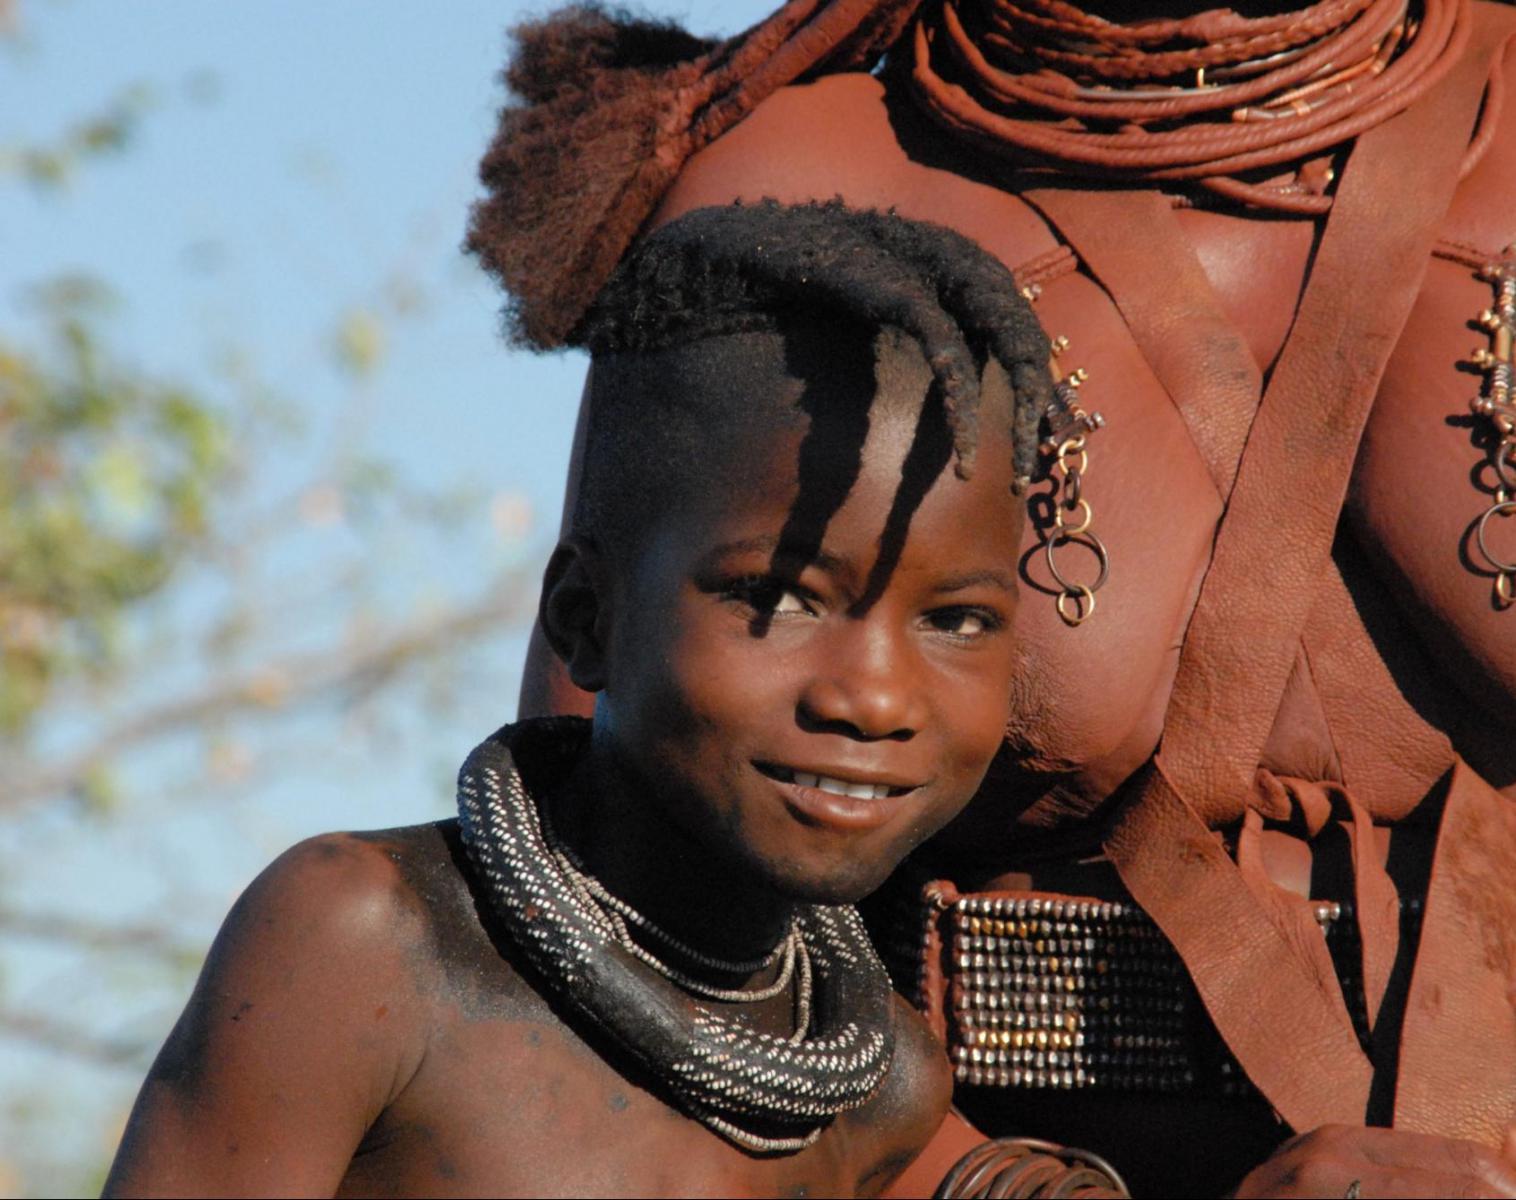 Namibie  Petits Princes en Namibie   Découverte Trek & Randonnée Observation nature Rencontres et cultures du Monde